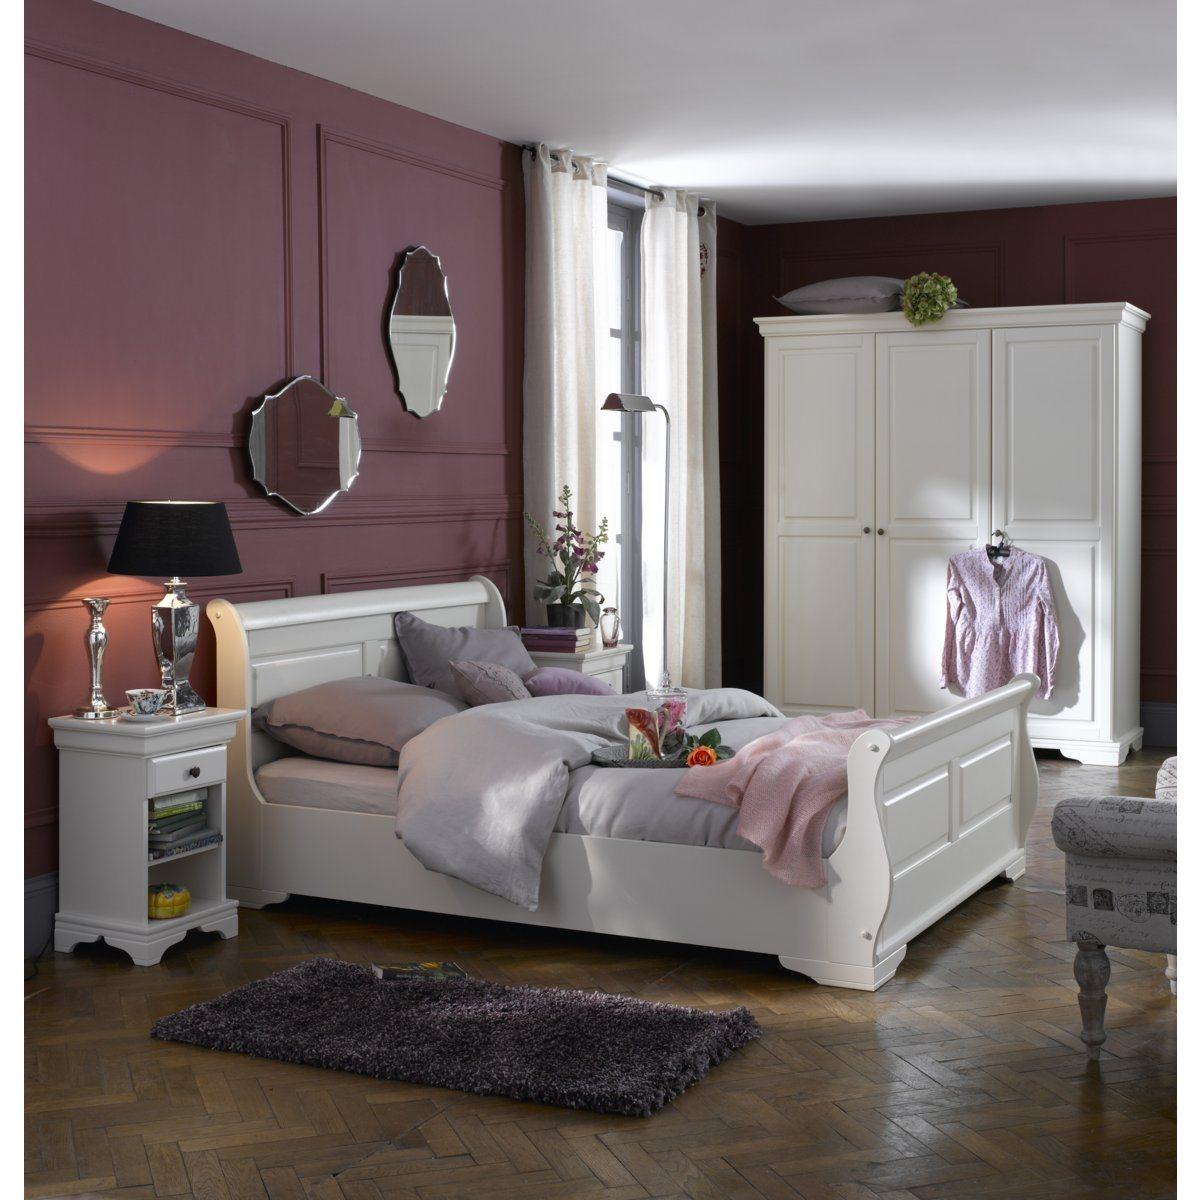 Feng Shui Chambre Bébé : des chambres attractif, chambre mauve et beige : Murs de la chambre …